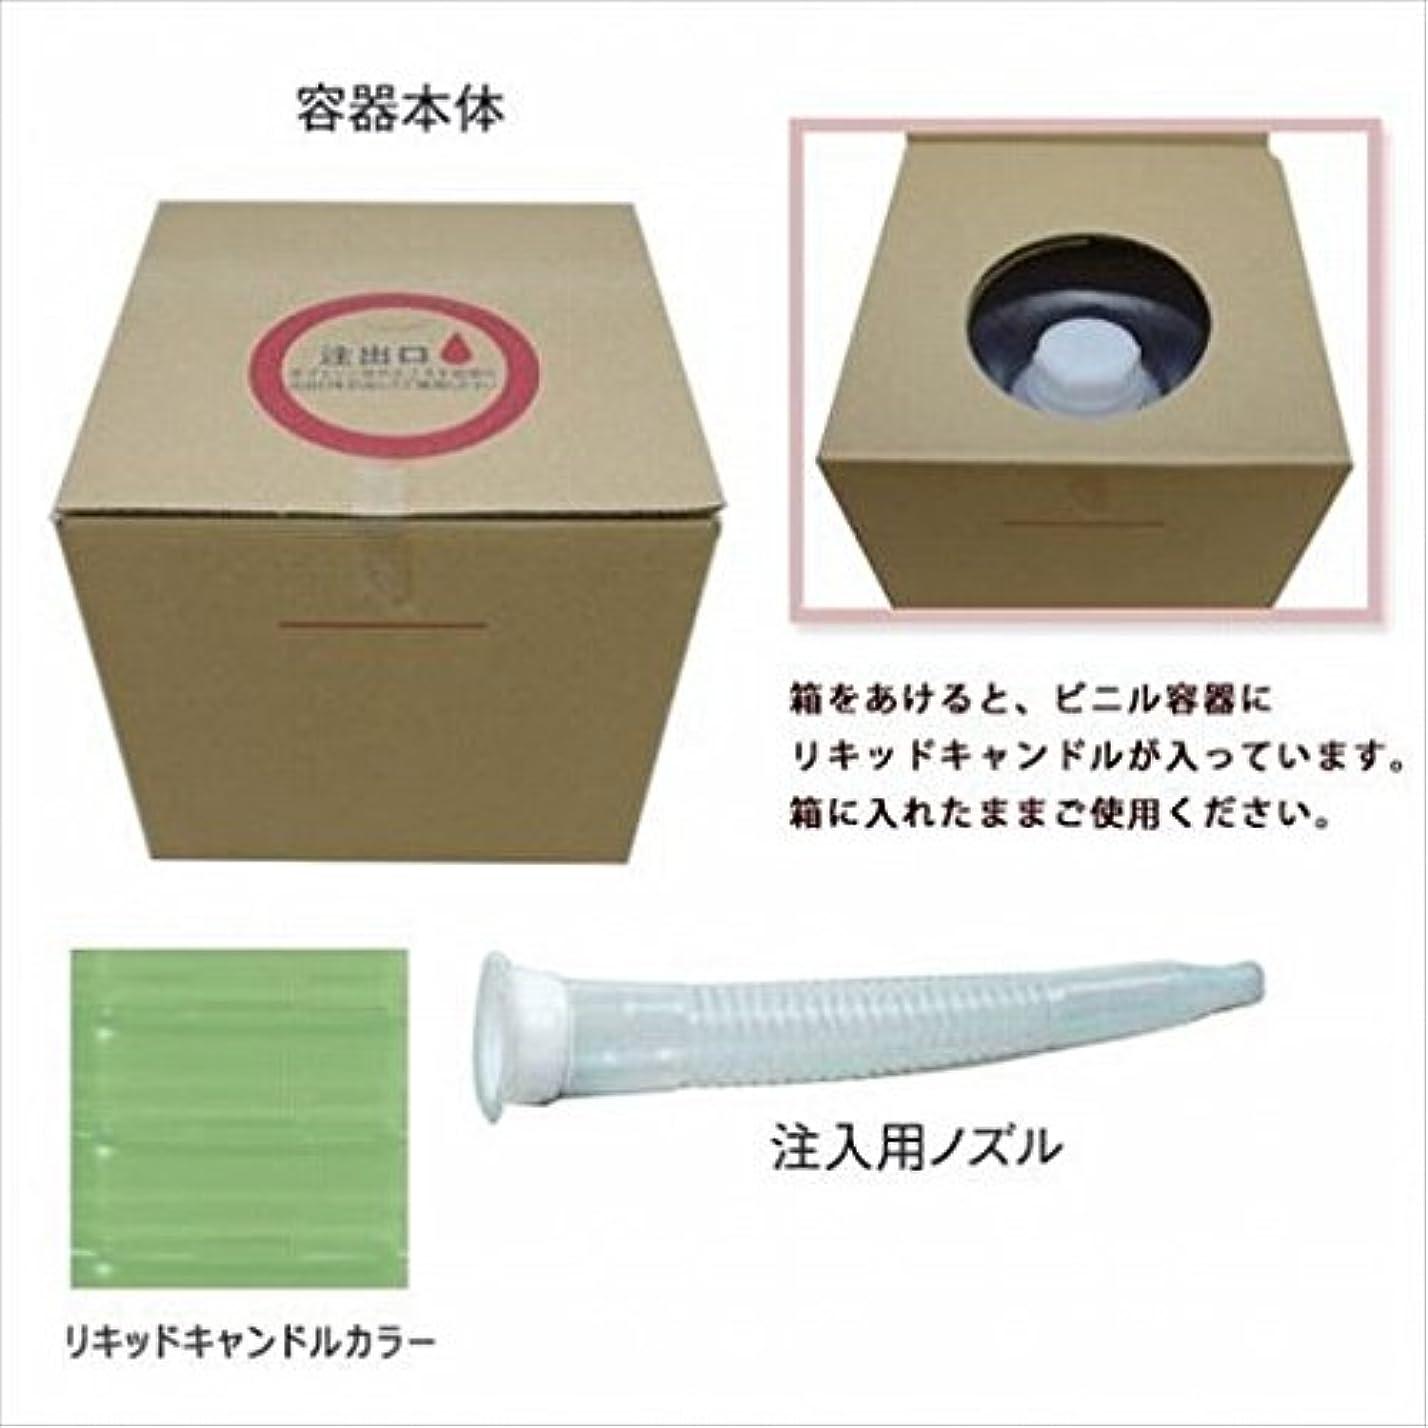 敬意マッシュ論理的kameyama candle(カメヤマキャンドル) リキッドキャンドル5リットル 「 ライトグリーン 」(77320000LG)